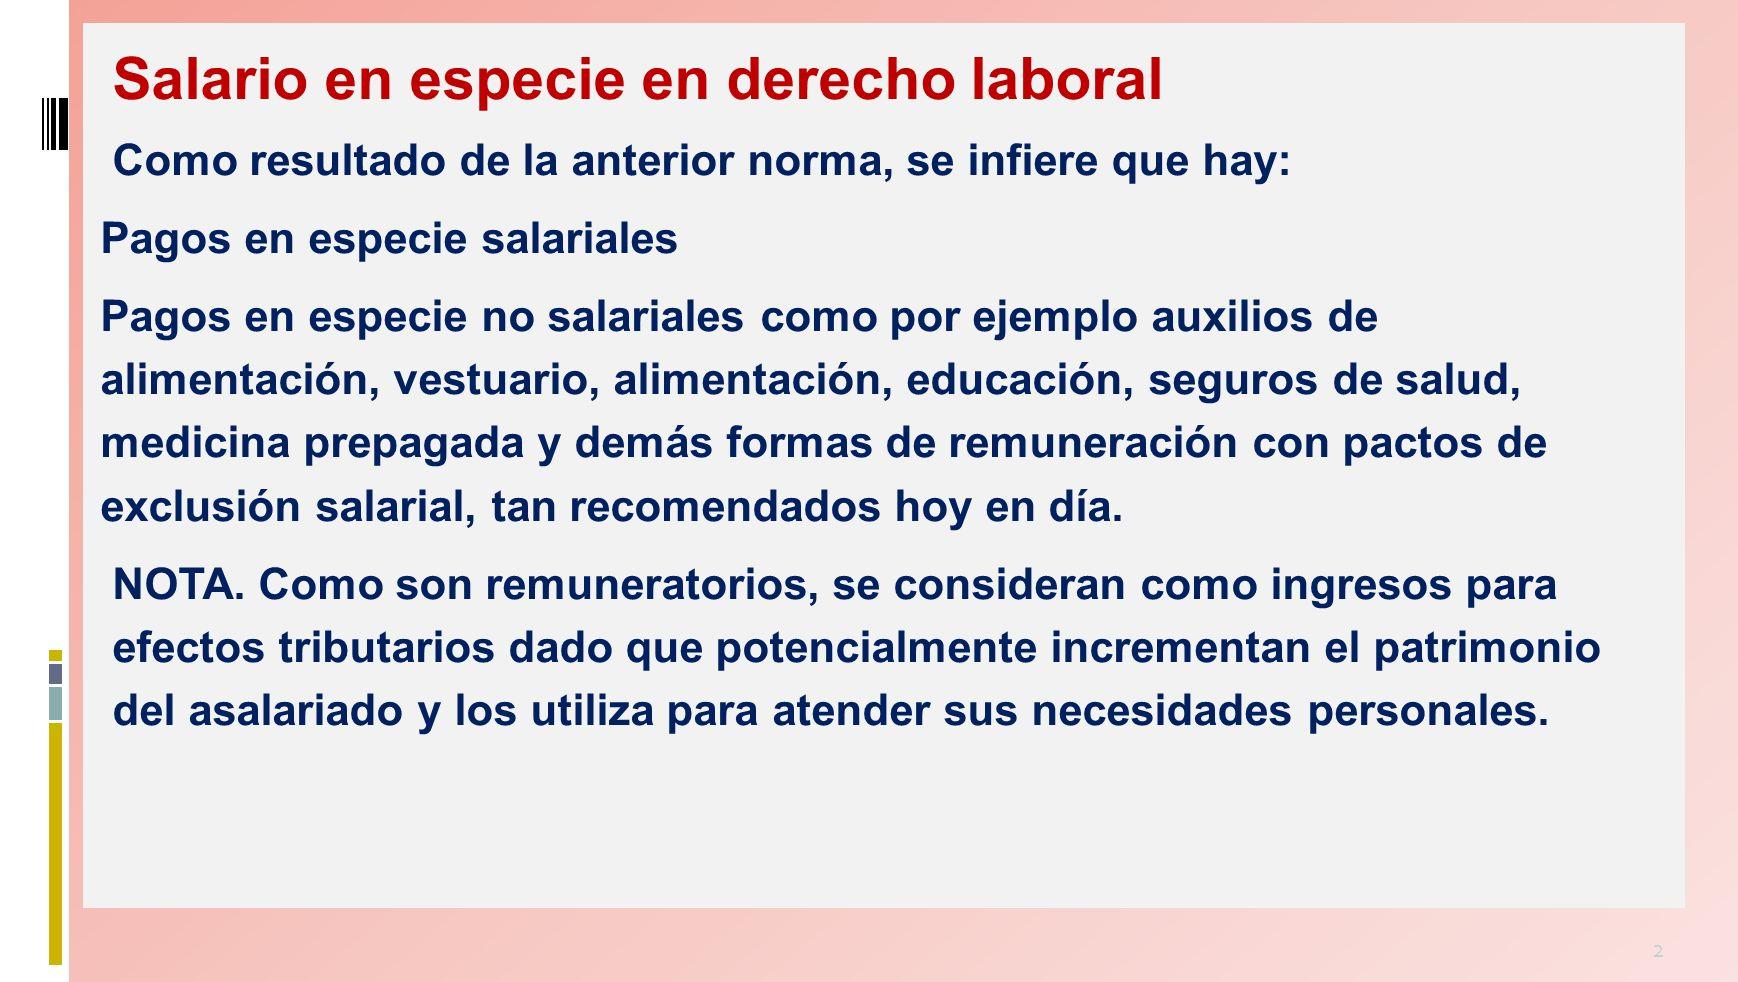 Salario en especie en derecho laboral